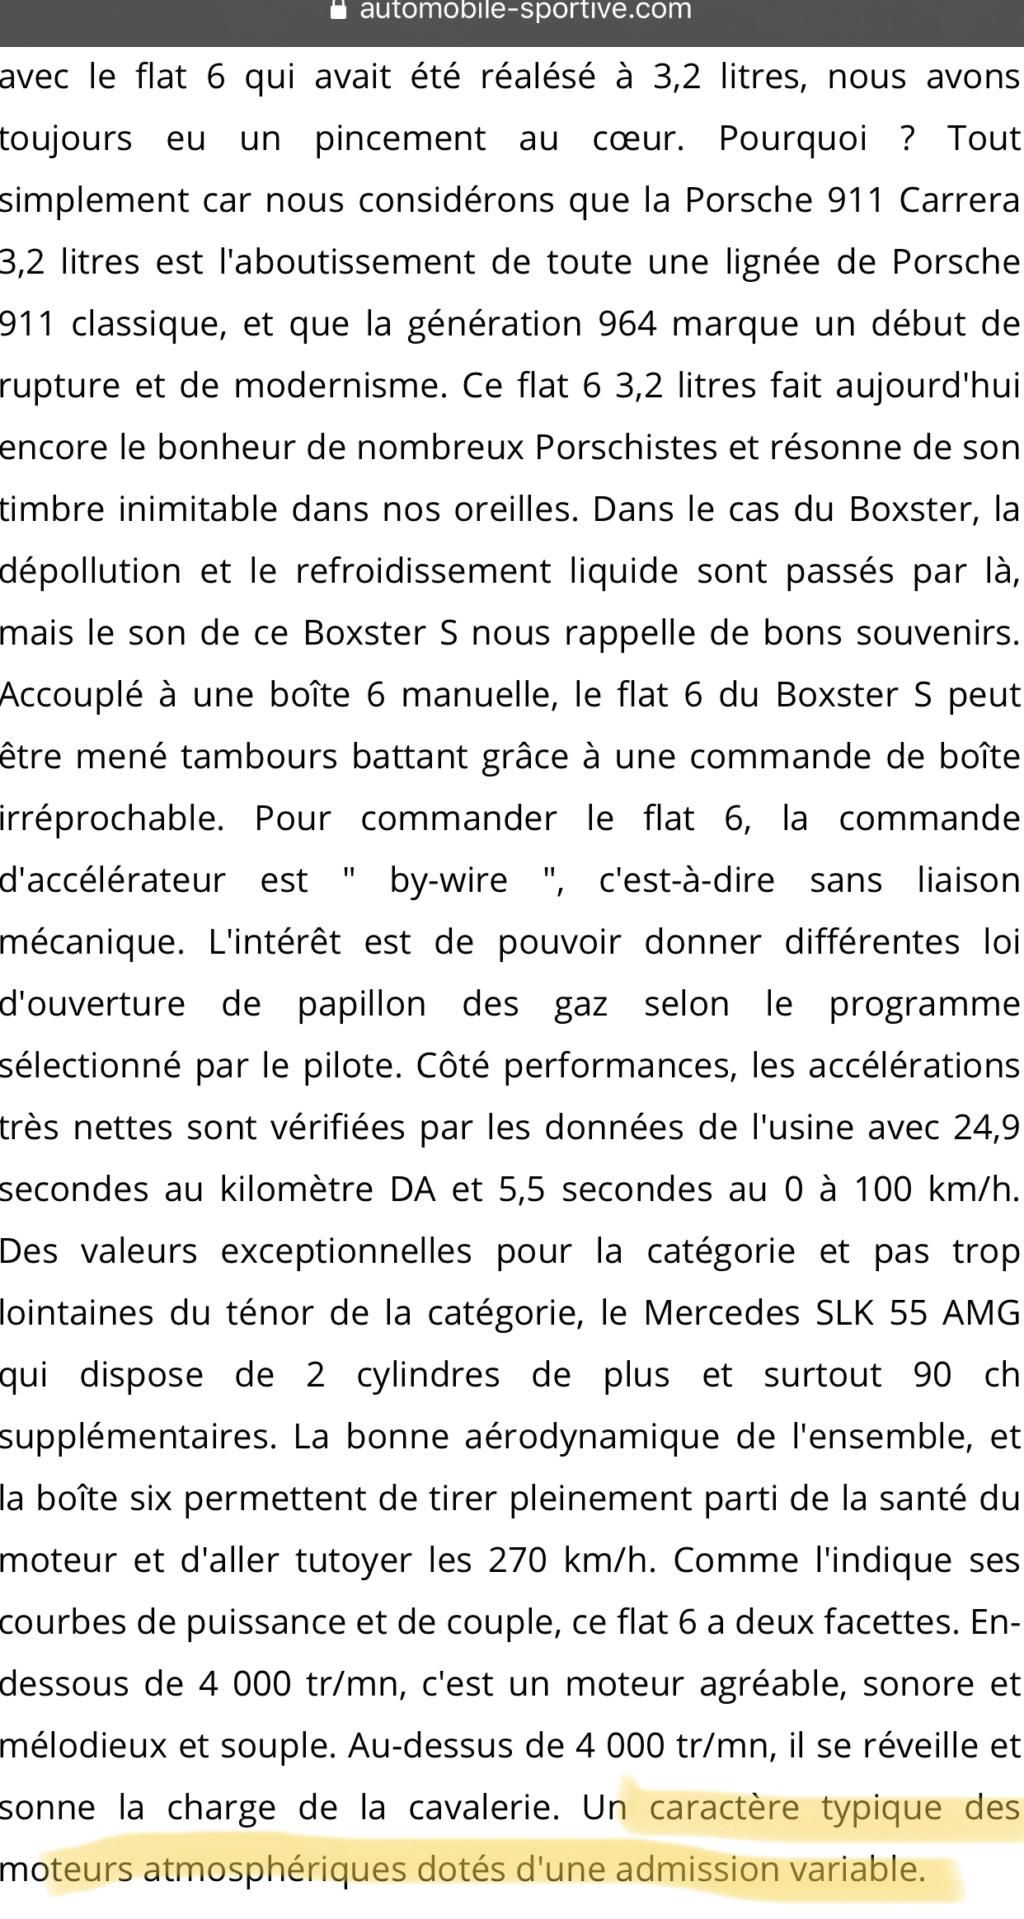 Boxster S 987 03/2005 RHD superbe condition 13900€ Da1ebb10